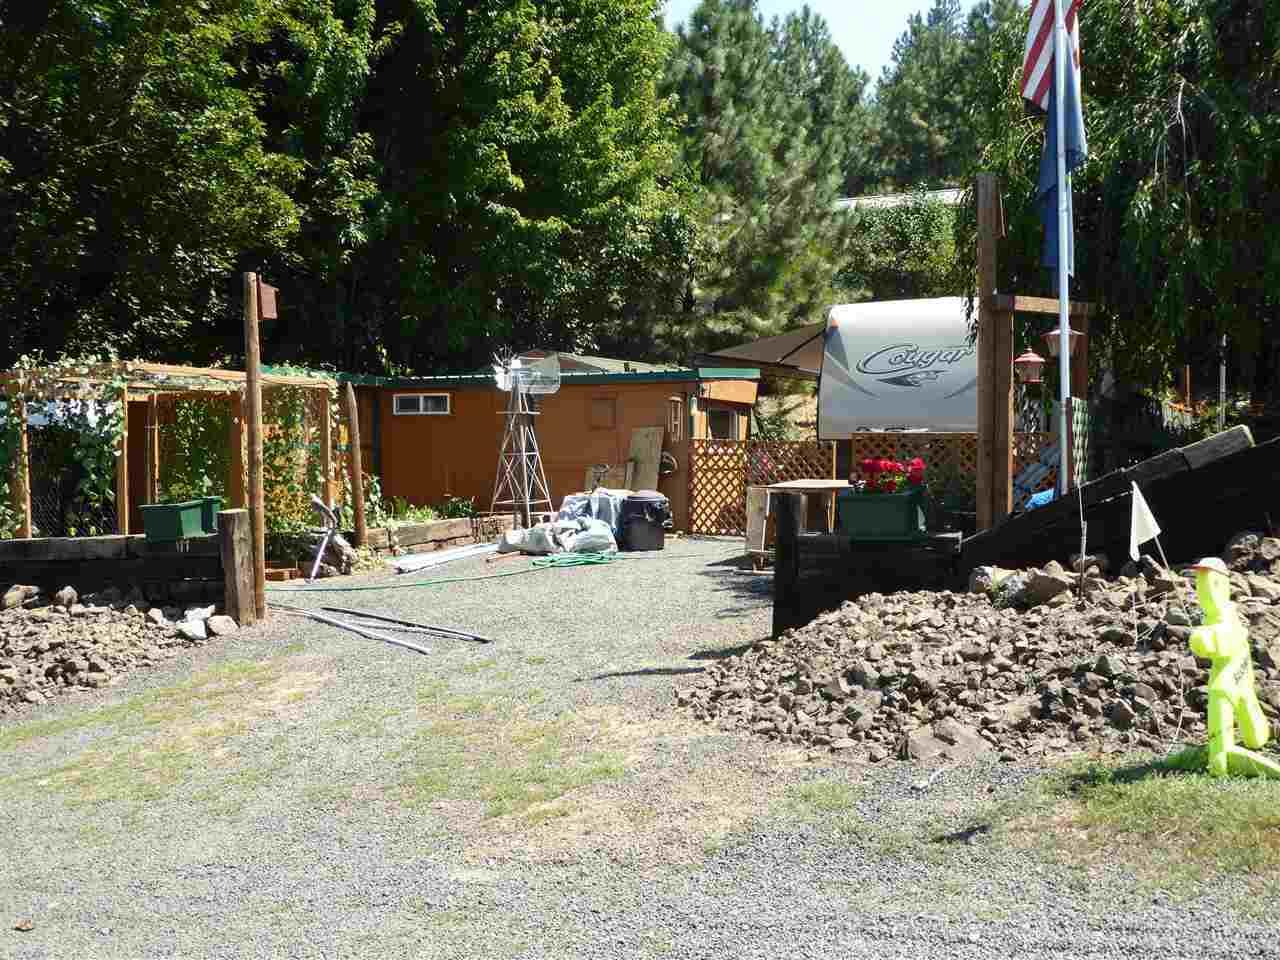 177 Chief Looking Glass Lane, Kamiah, ID - USA (photo 1)